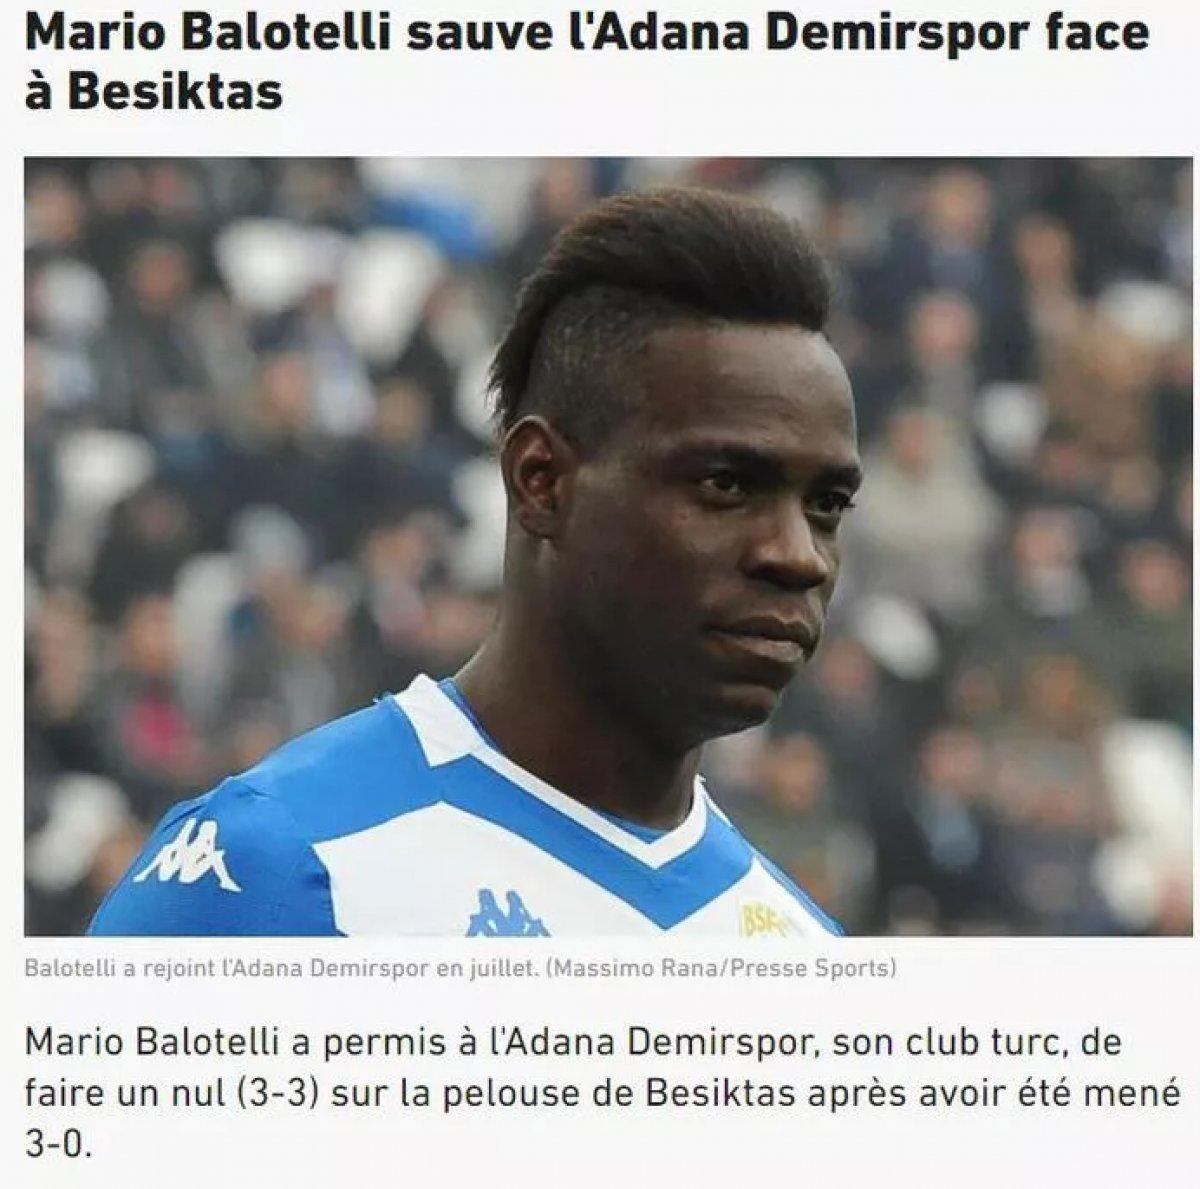 Balotelli nin yaptığı hareket dünya basınında manşet oldu #7